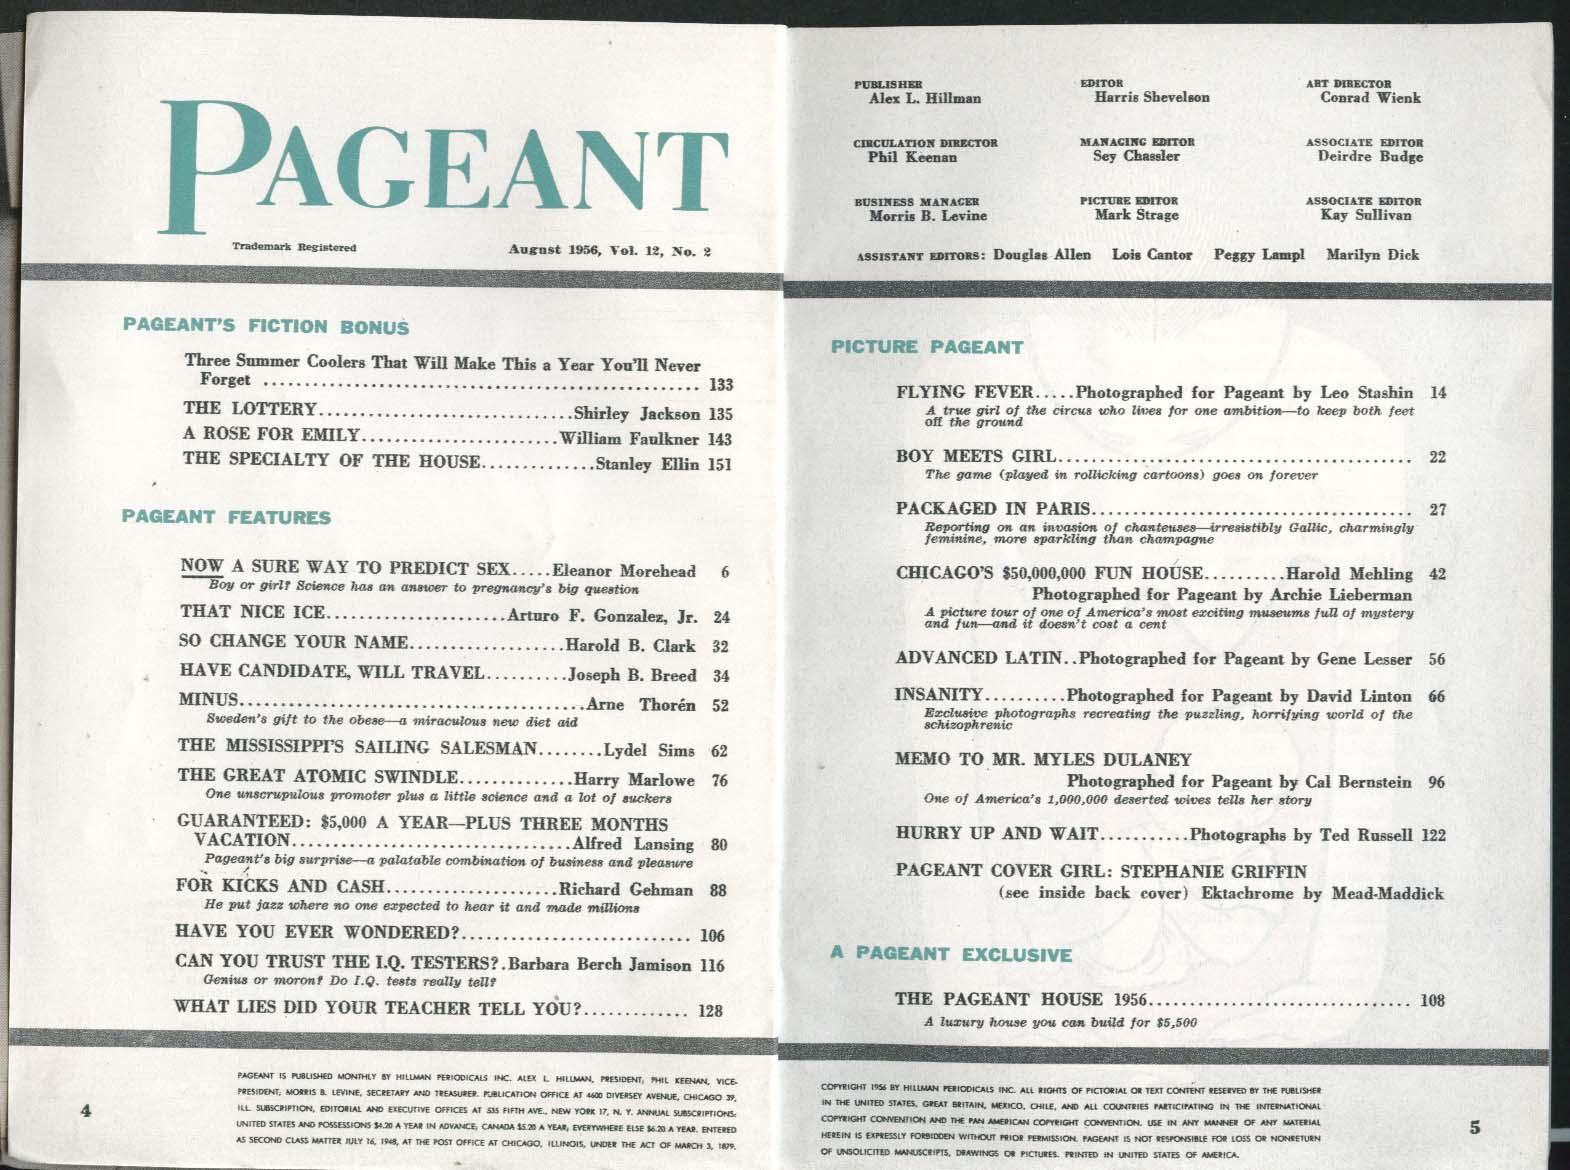 PAGEANT Norman Granz Dancer Tybee Afra ++ 8 1956